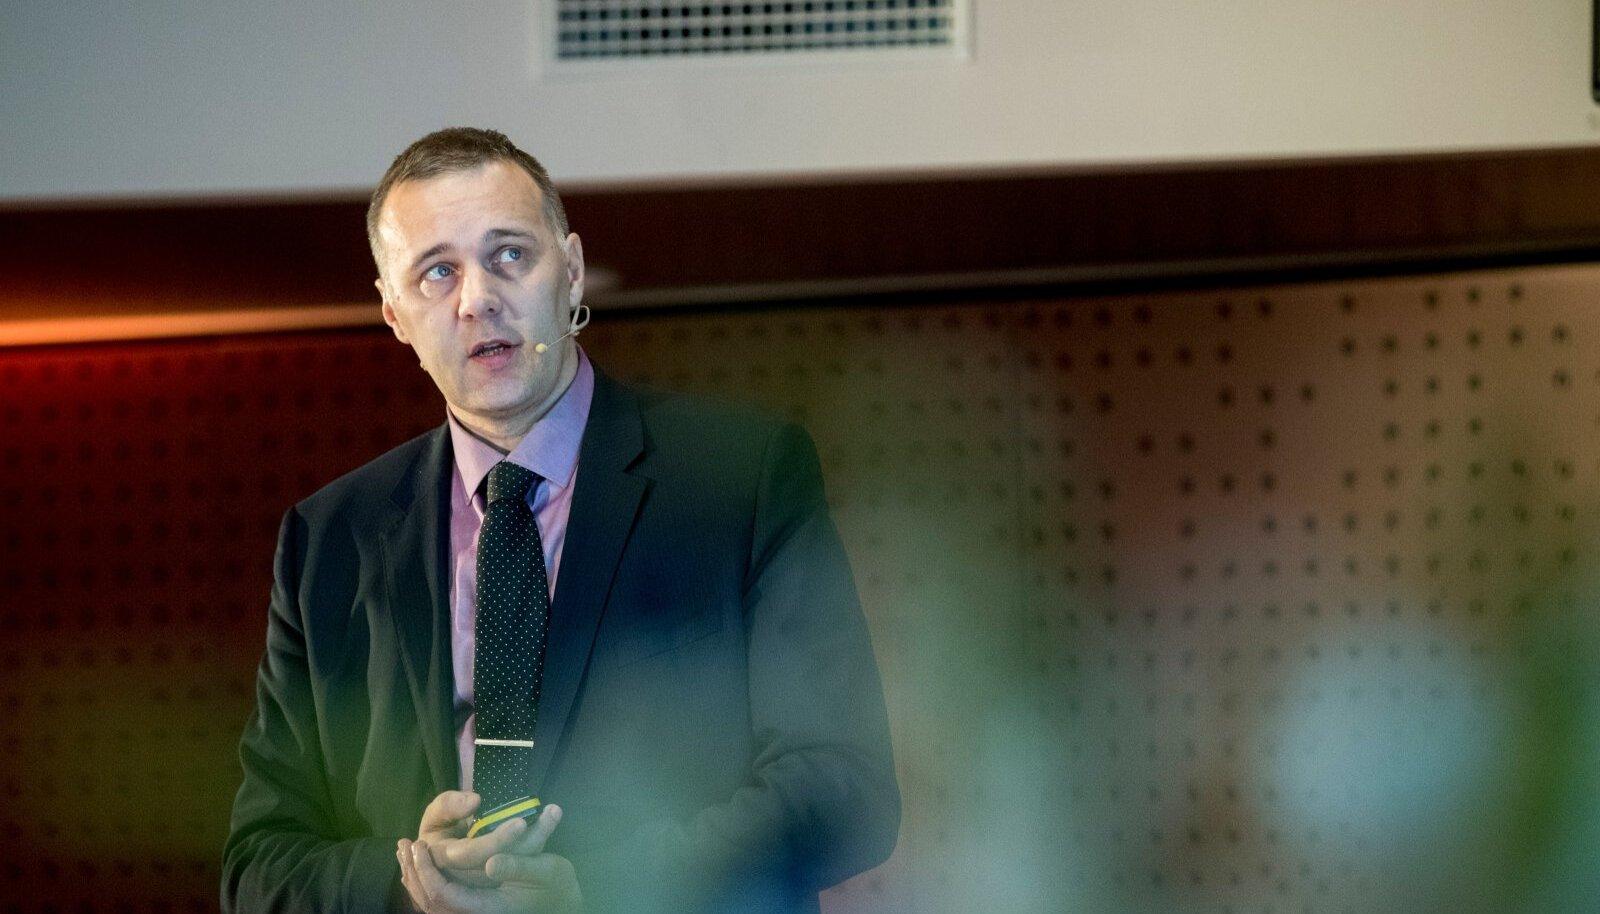 Swedbanki investeeringute strateeg Tarmo Tanilas rõhutas panga pensioni investeerimiskontot tutvustaval seminaril, et neil on pensioni investeerimine LHV-st soodsam. LHV on loomulikult teisel arvamusel.